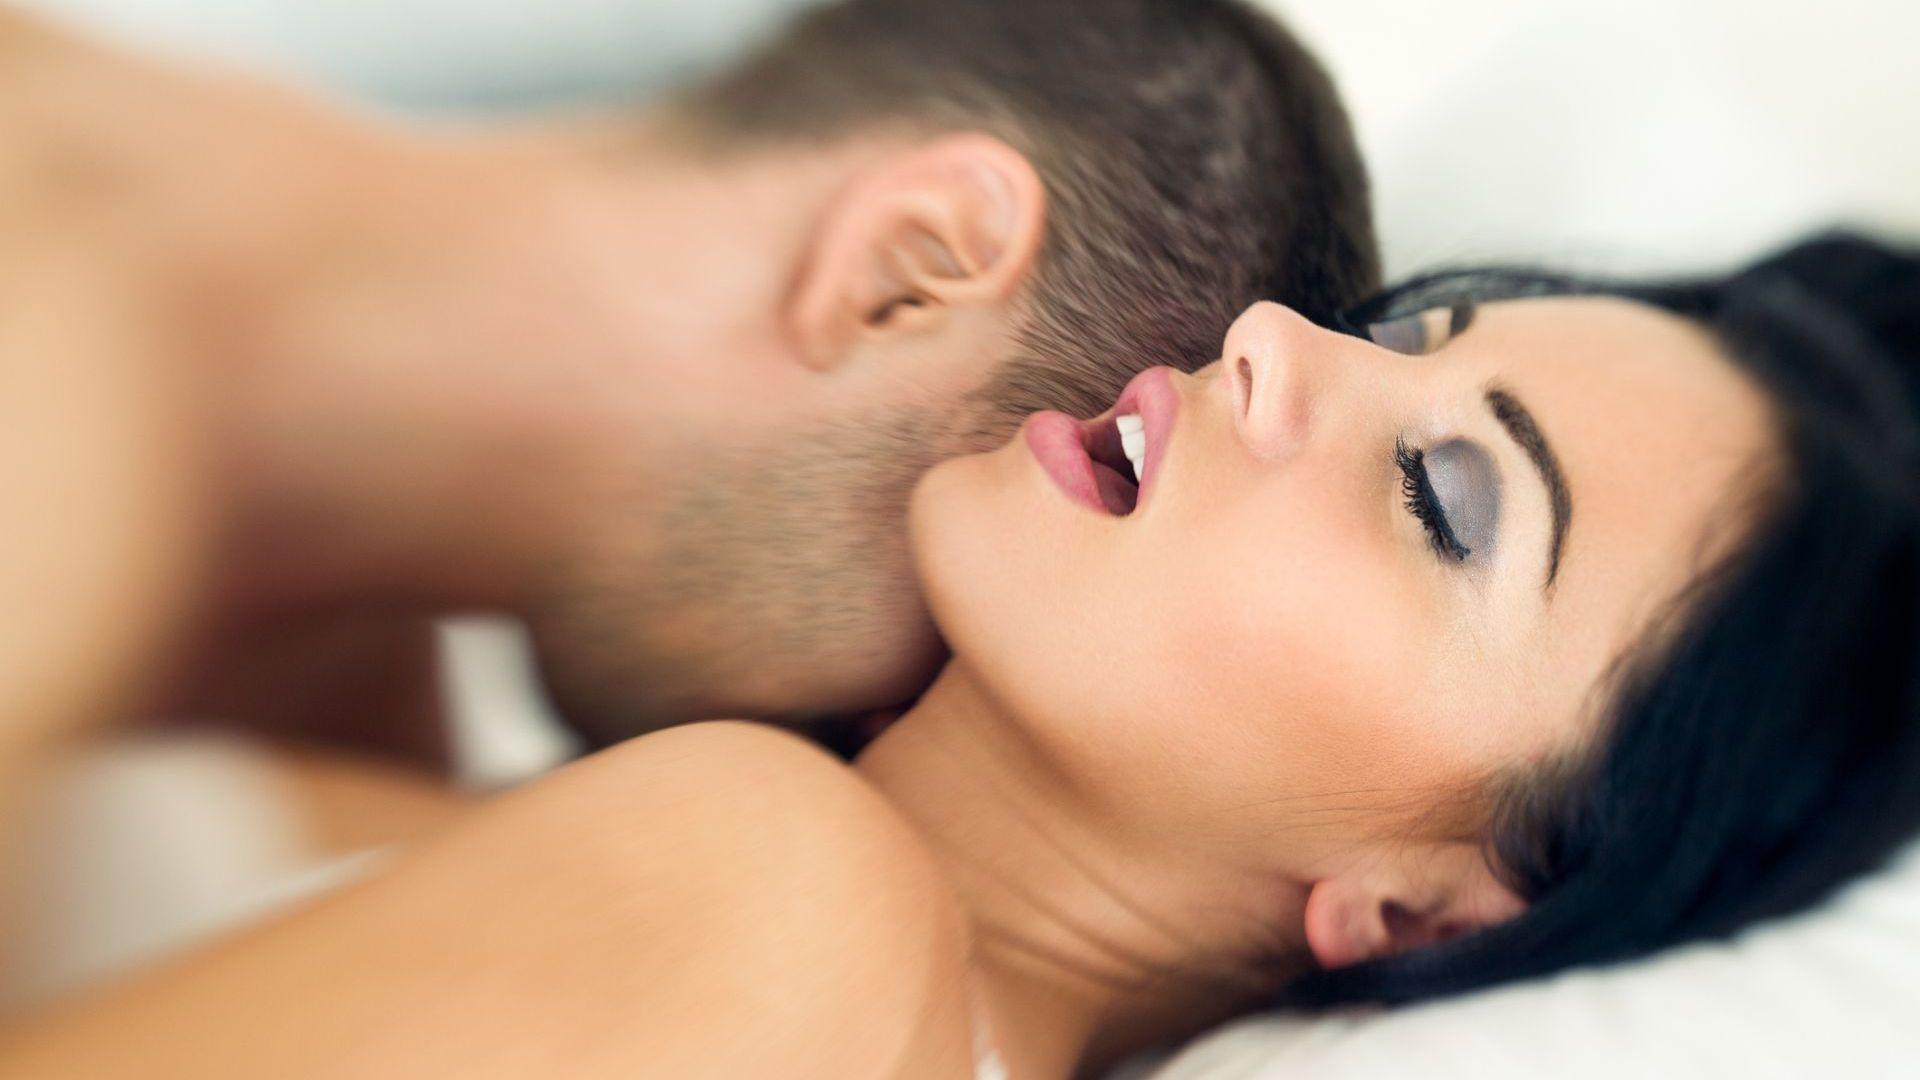 Хетеросексуалните жени се радват на повече оргазми, ако са феминистки